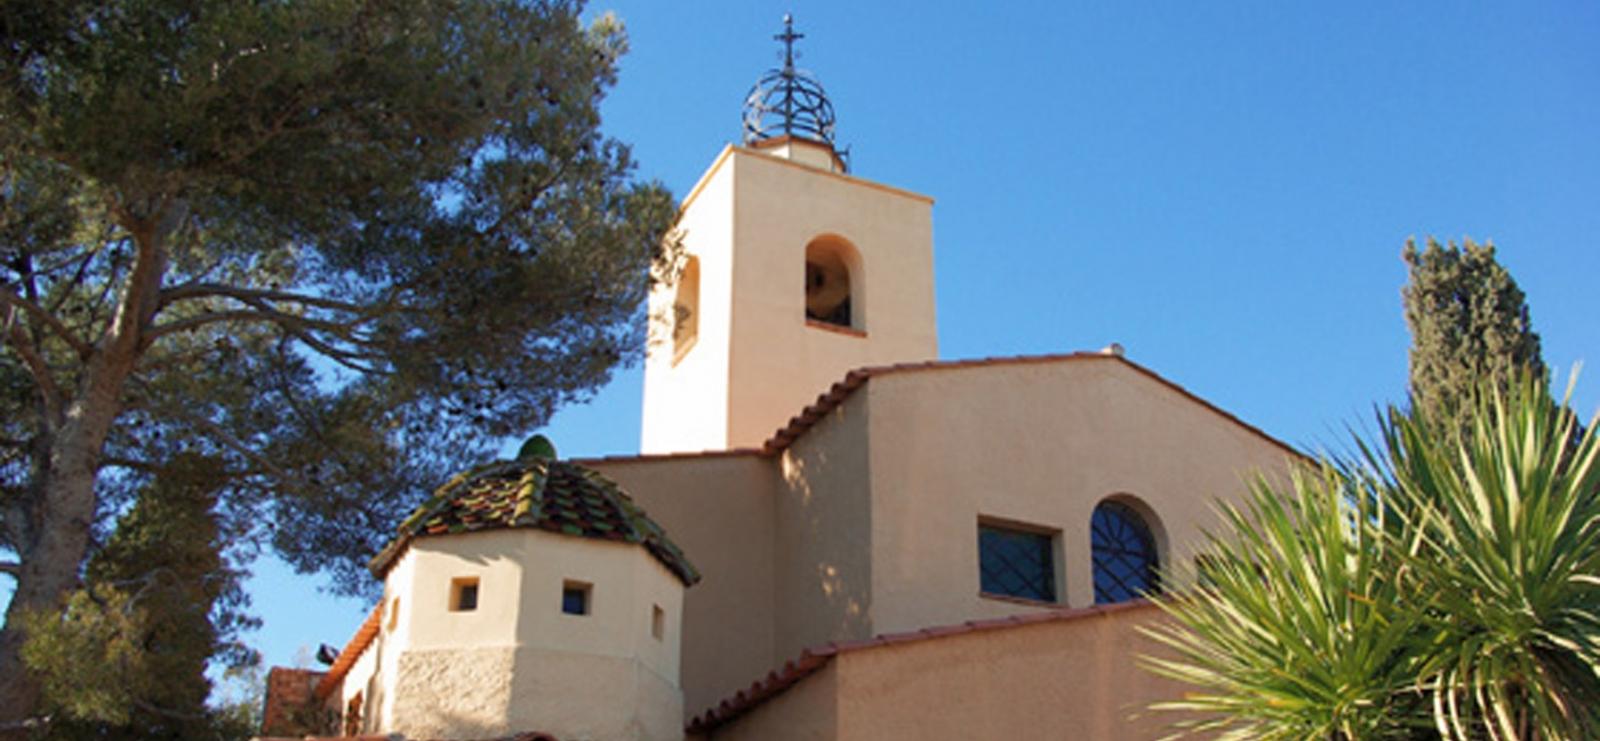 Eglise Ste-Thérèse aux Issambres